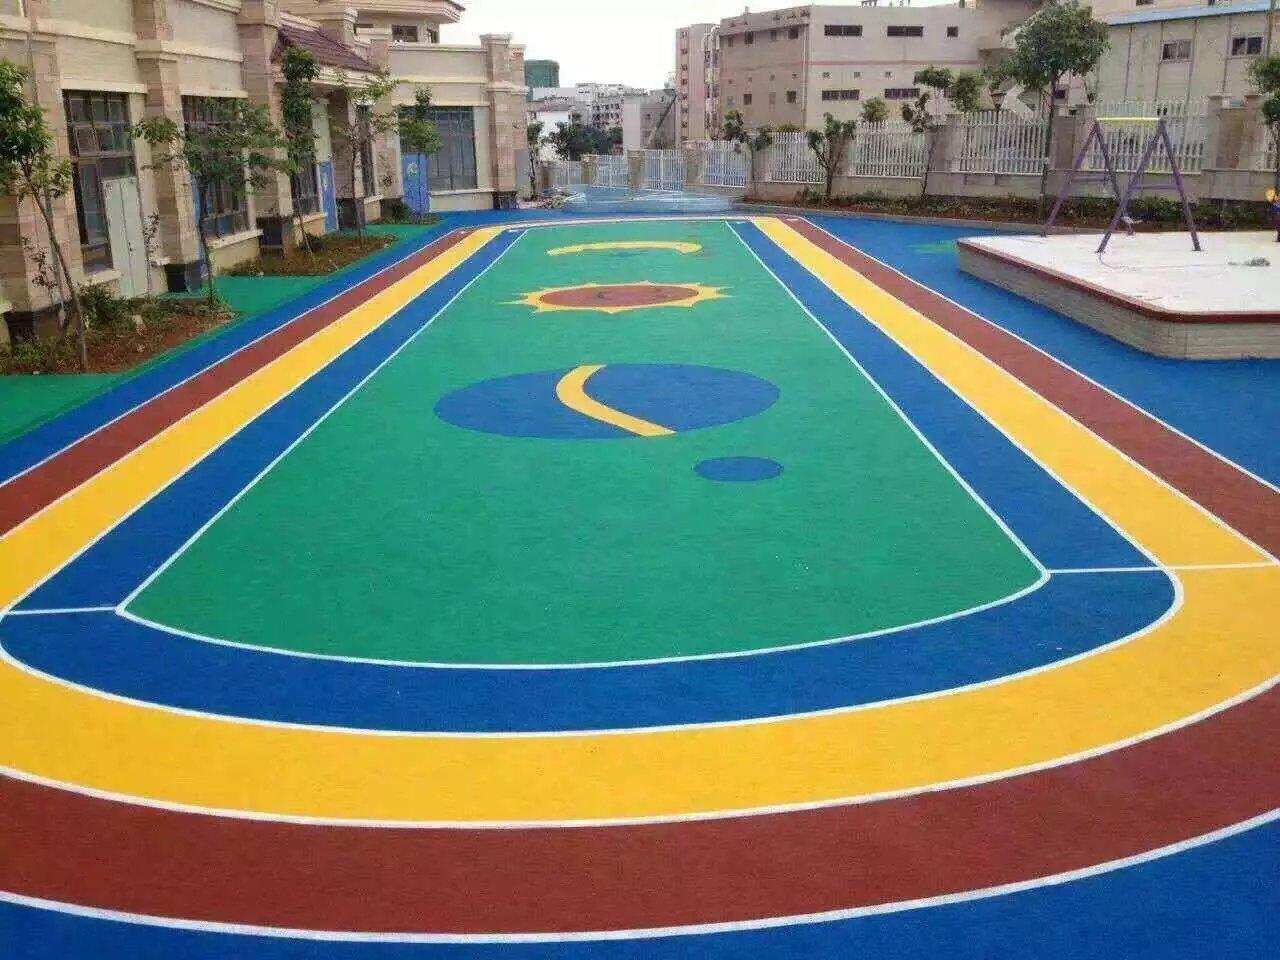 幼儿园彩色地面 epdm颗粒学校操场 小区彩色路面